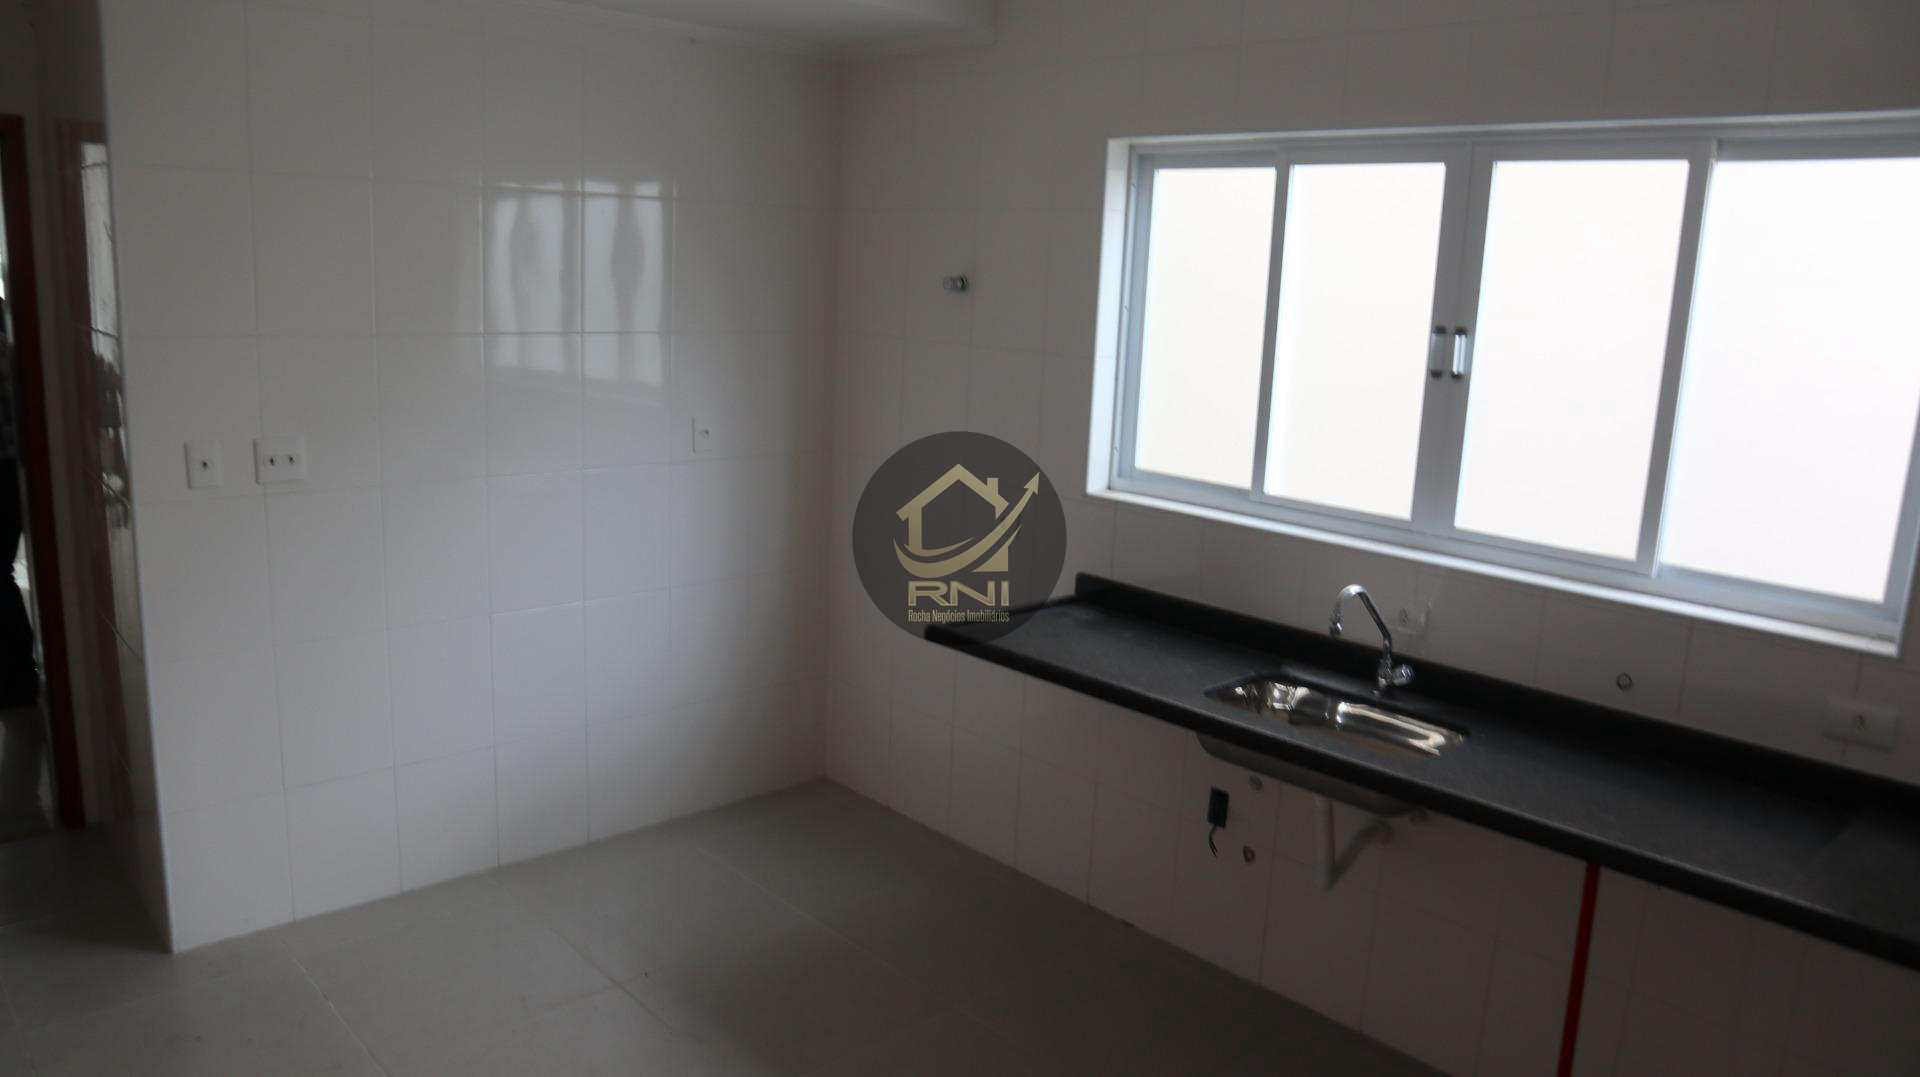 Sobrado com 4 dormitórios à venda, 140 m² por R$ 820.000 - Vila Belmiro - Santos/SP